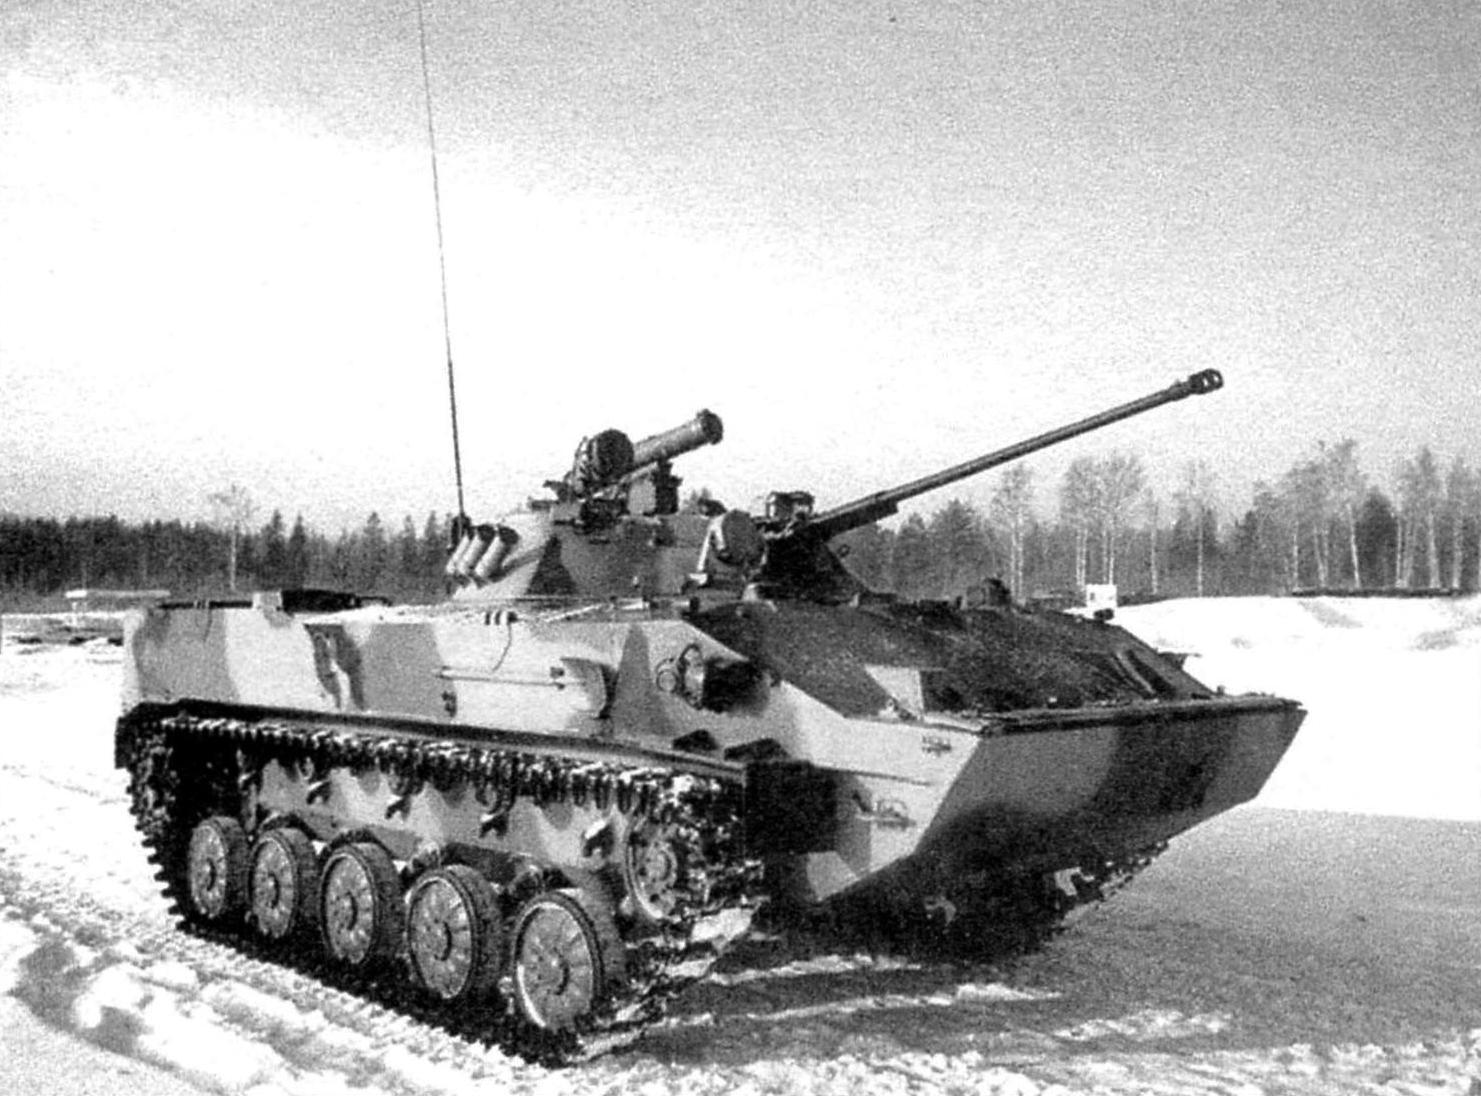 БМД-3. Масса машины -13 т, мощность двигателя - 450 л.с., вооружение-30-мм пушка 2А42, пулемёты ПКТ и РПКС, гранатомёт, ПТРК